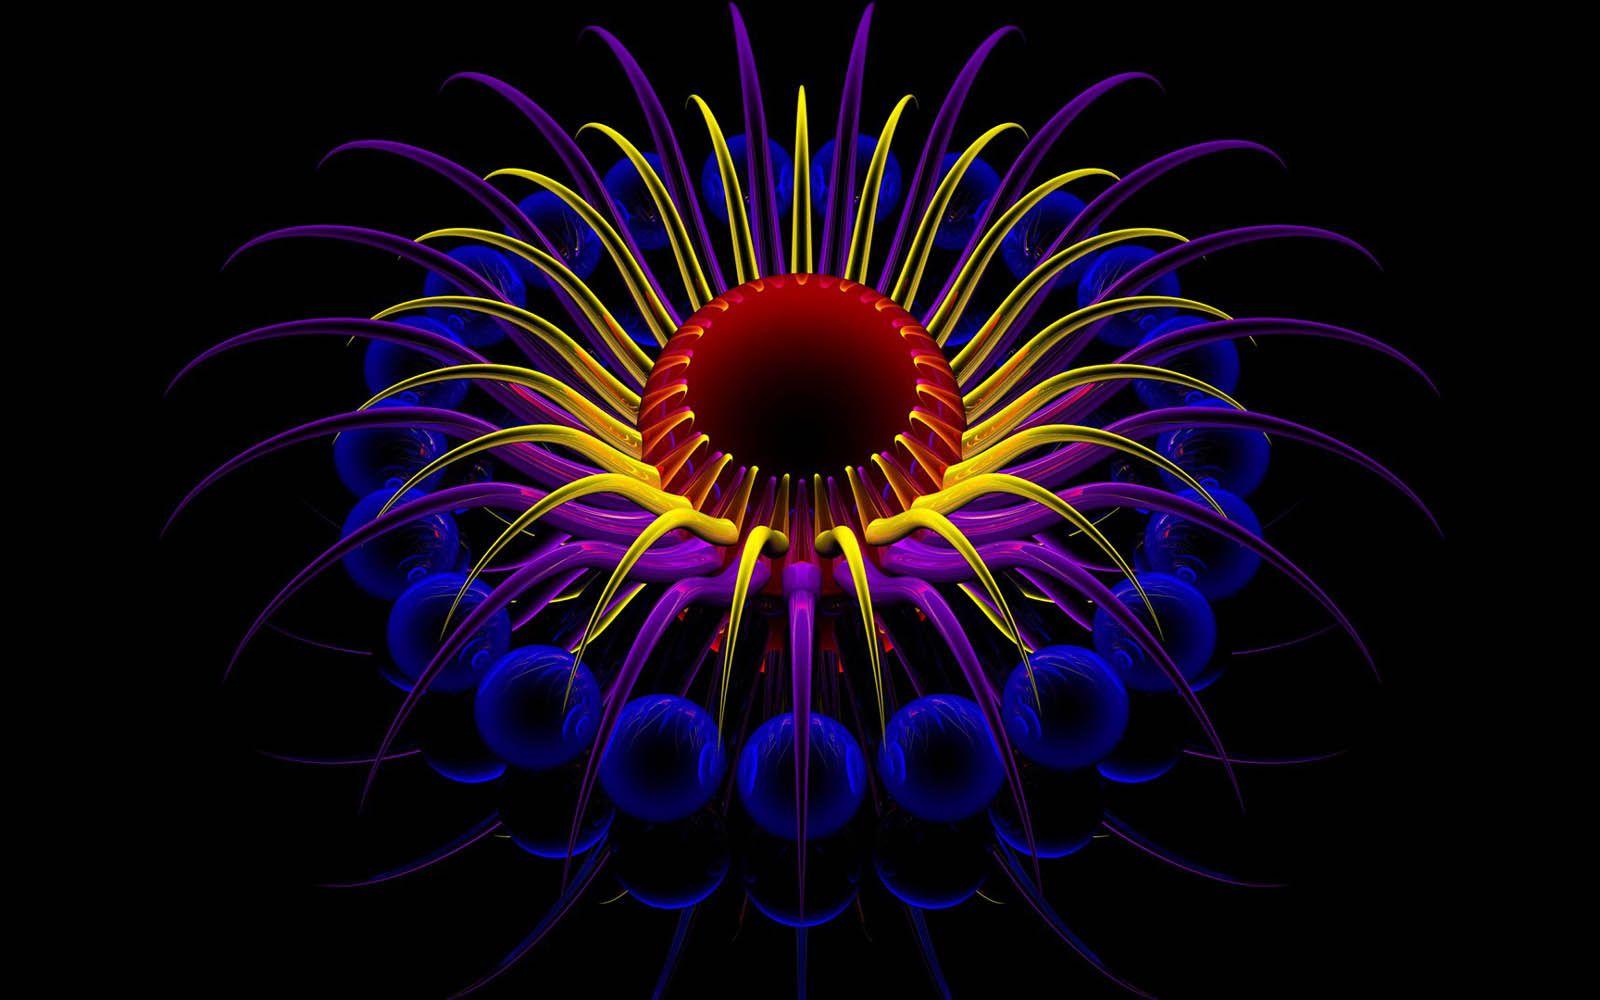 Neon Backgrounds | Keywords: Neon Art Wallpapers, Neon Art DesktopWallpapers, Neon Art ...